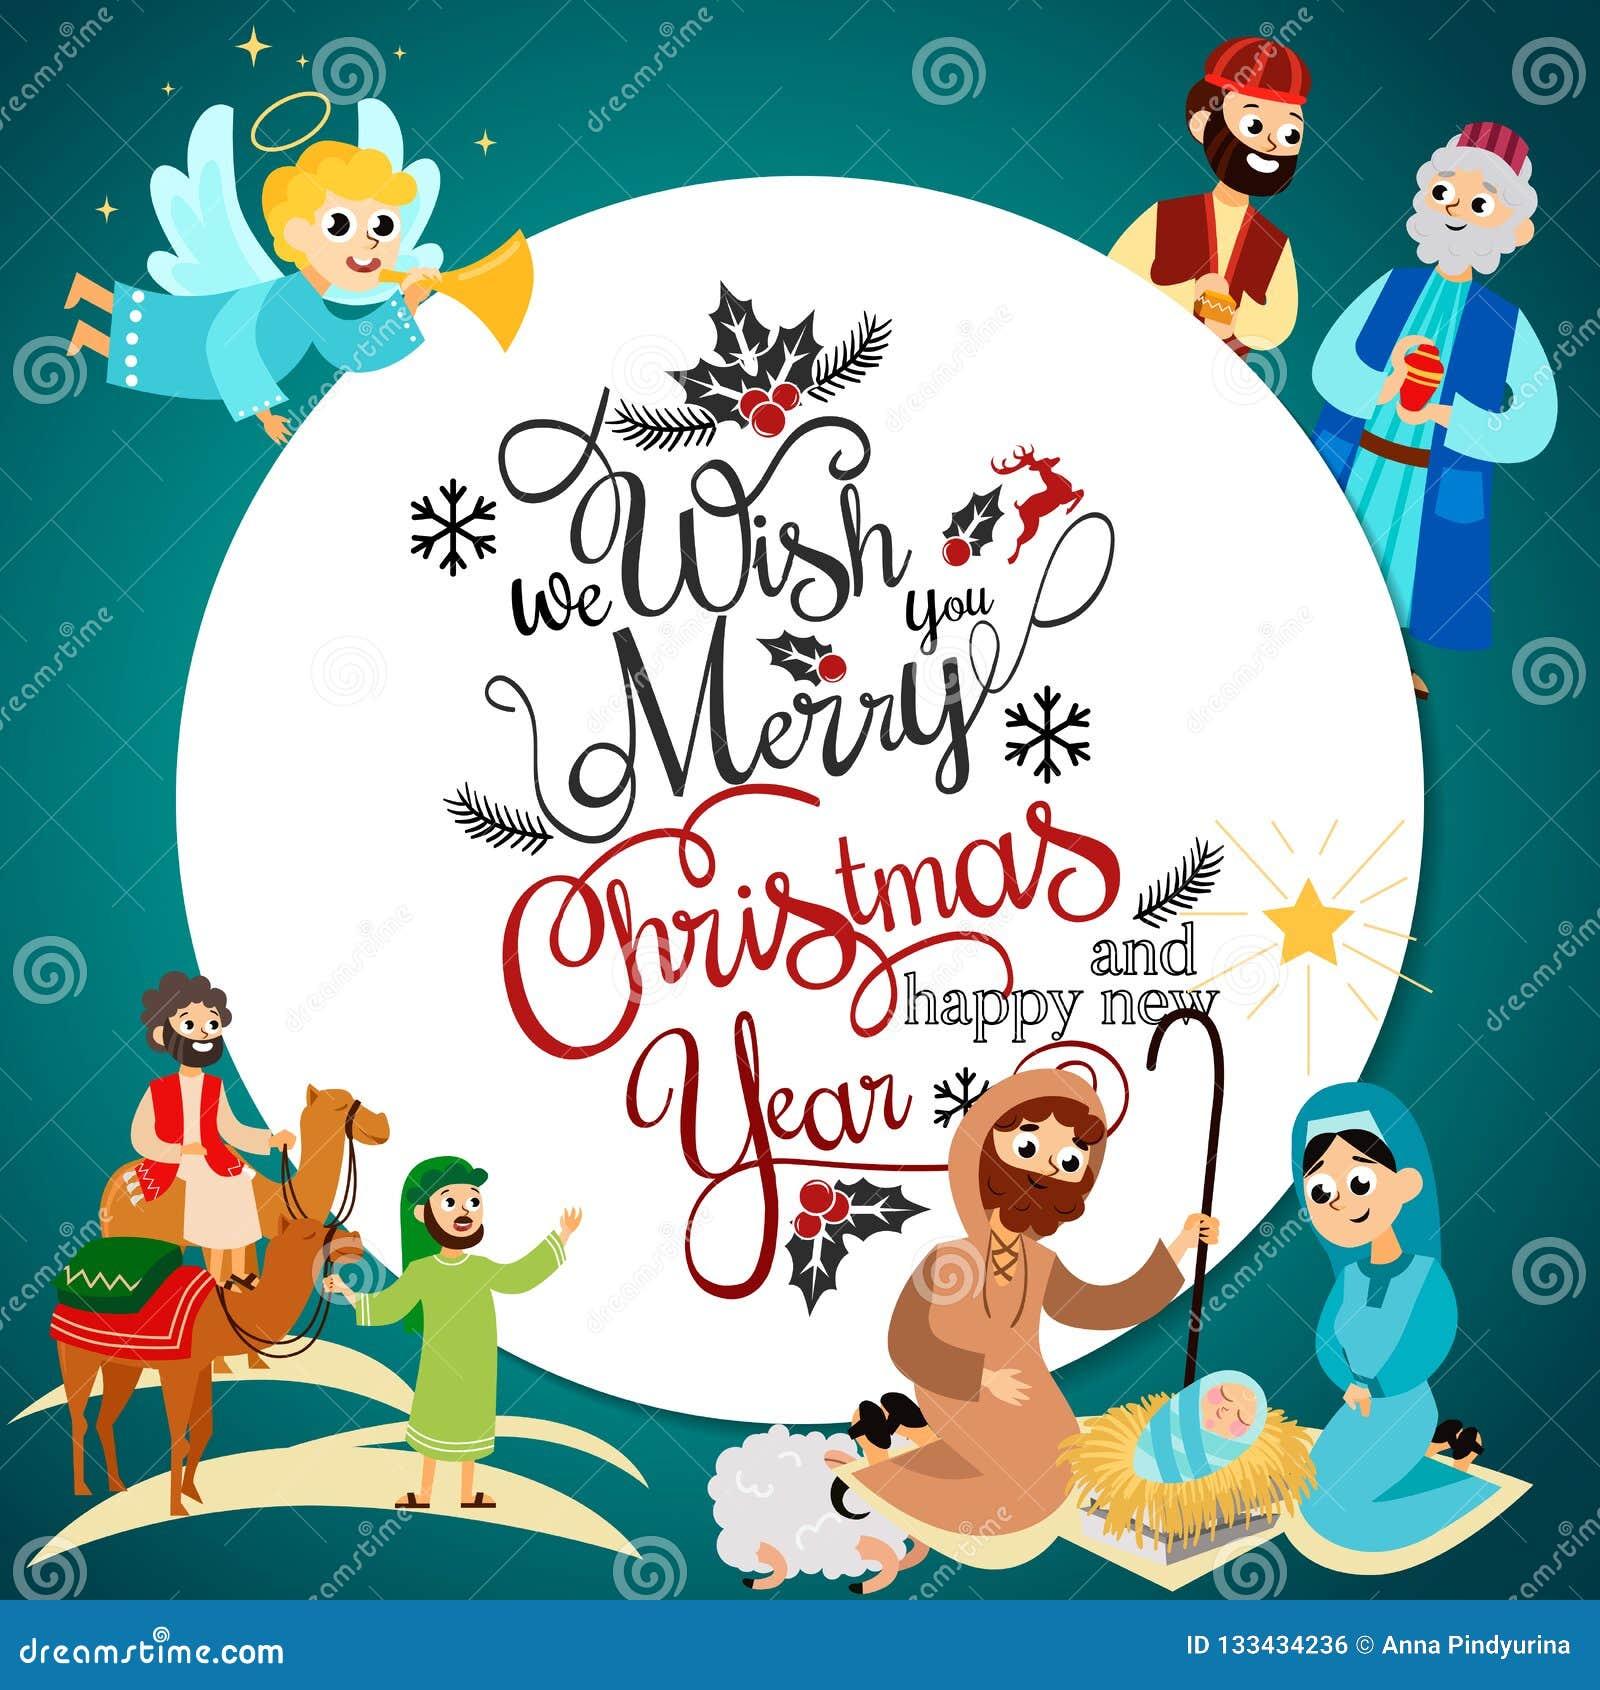 Joyeux Noel Histoire Des Arts.Ensemble De Vacances De Joyeux Noel D Ange De Vol Et D